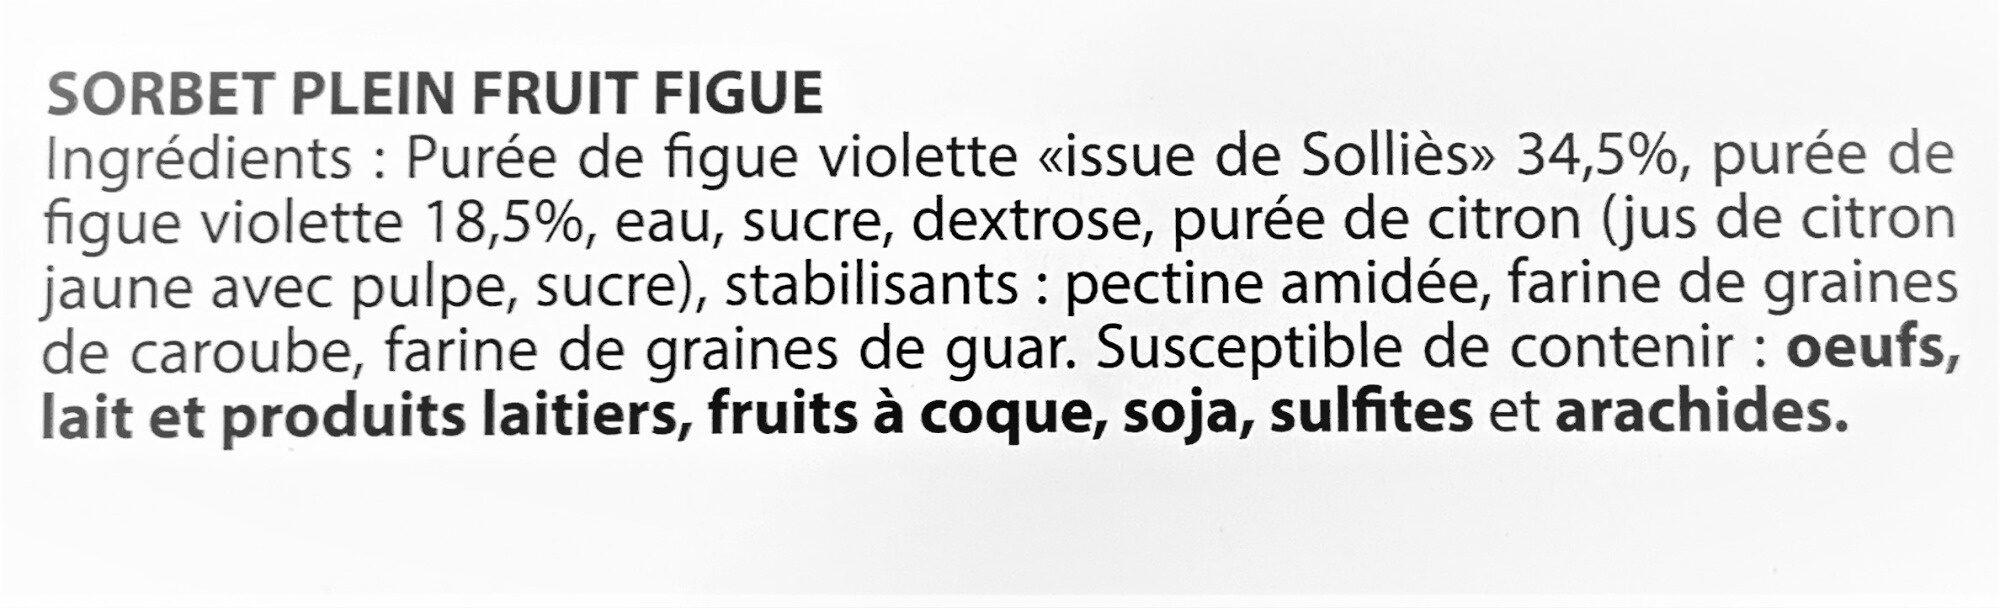 Sorbet plein fruit FIGUE, 53% de fruit - Ingredients